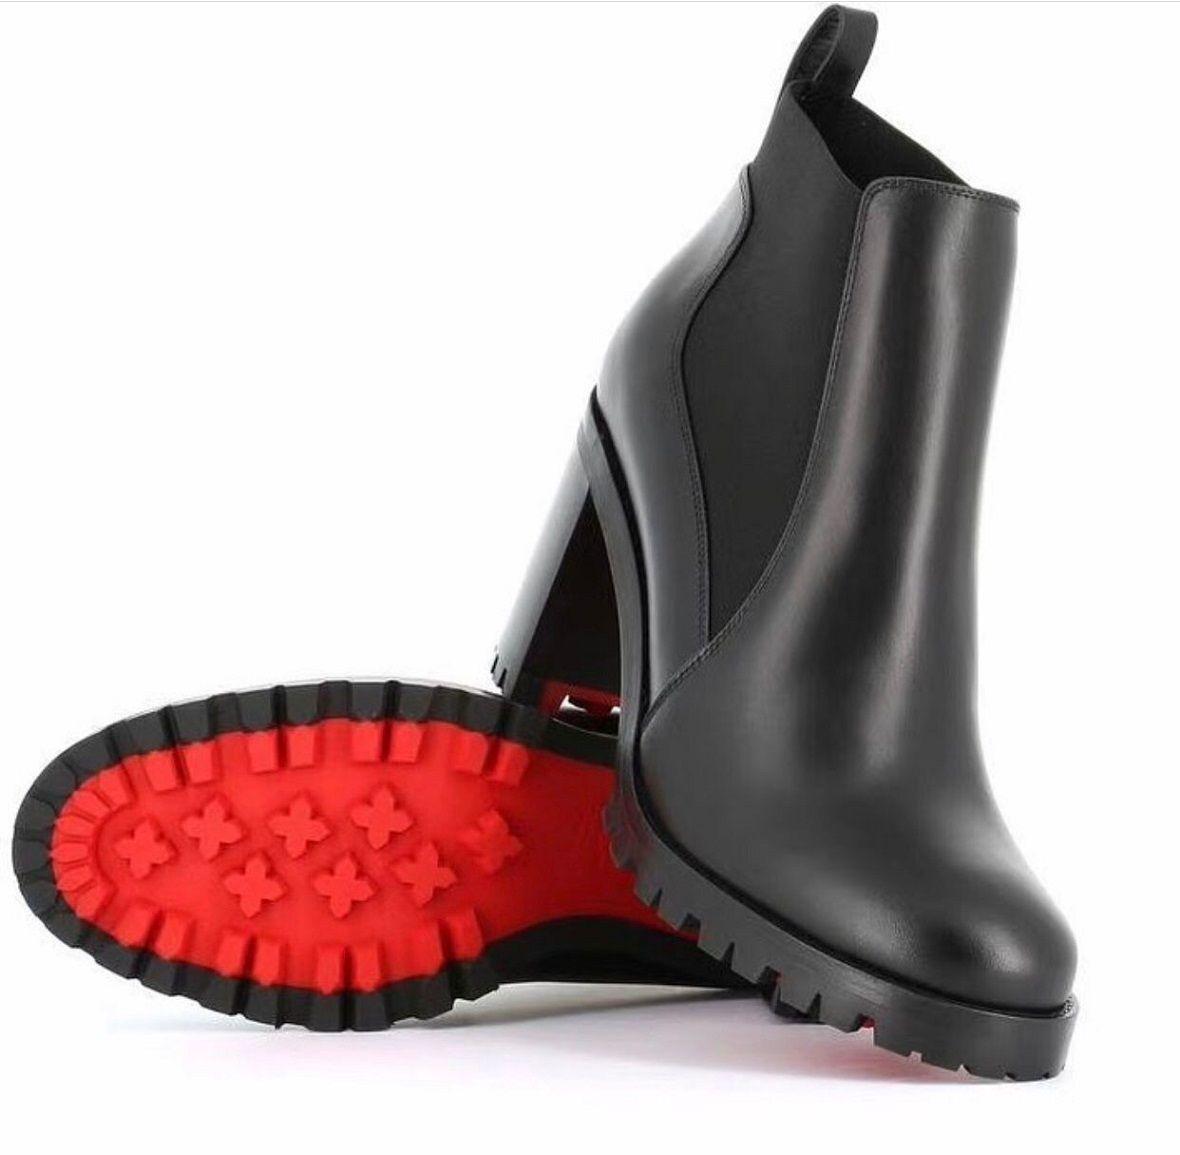 Popüler Tasarımcı Marchacroche Bilek Boots Kadın Kırmızı Alt Boots Lug Sole Ünlü Markalar yeni Kış Moda Patik Ucuz Ayakkabılar